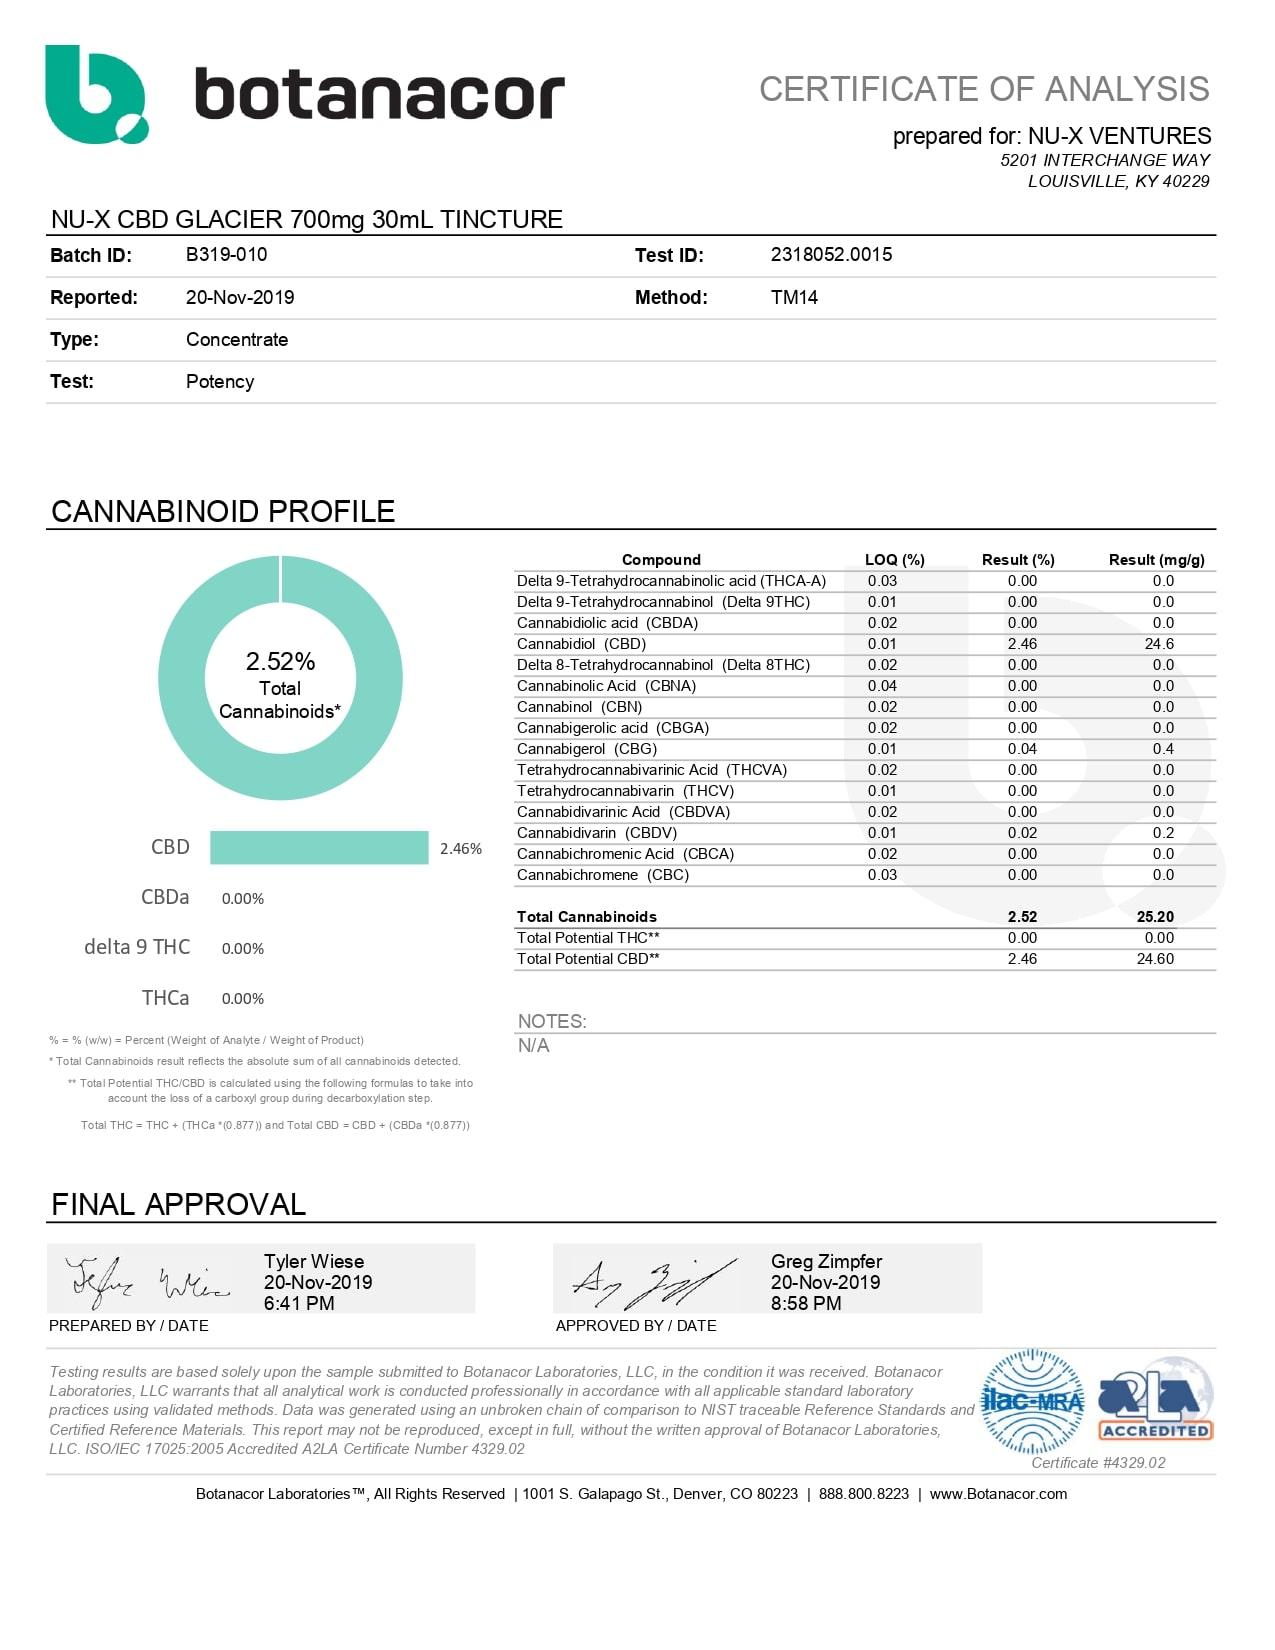 NU-X CBD Tincture Lab Report Glacier Mint 700mg